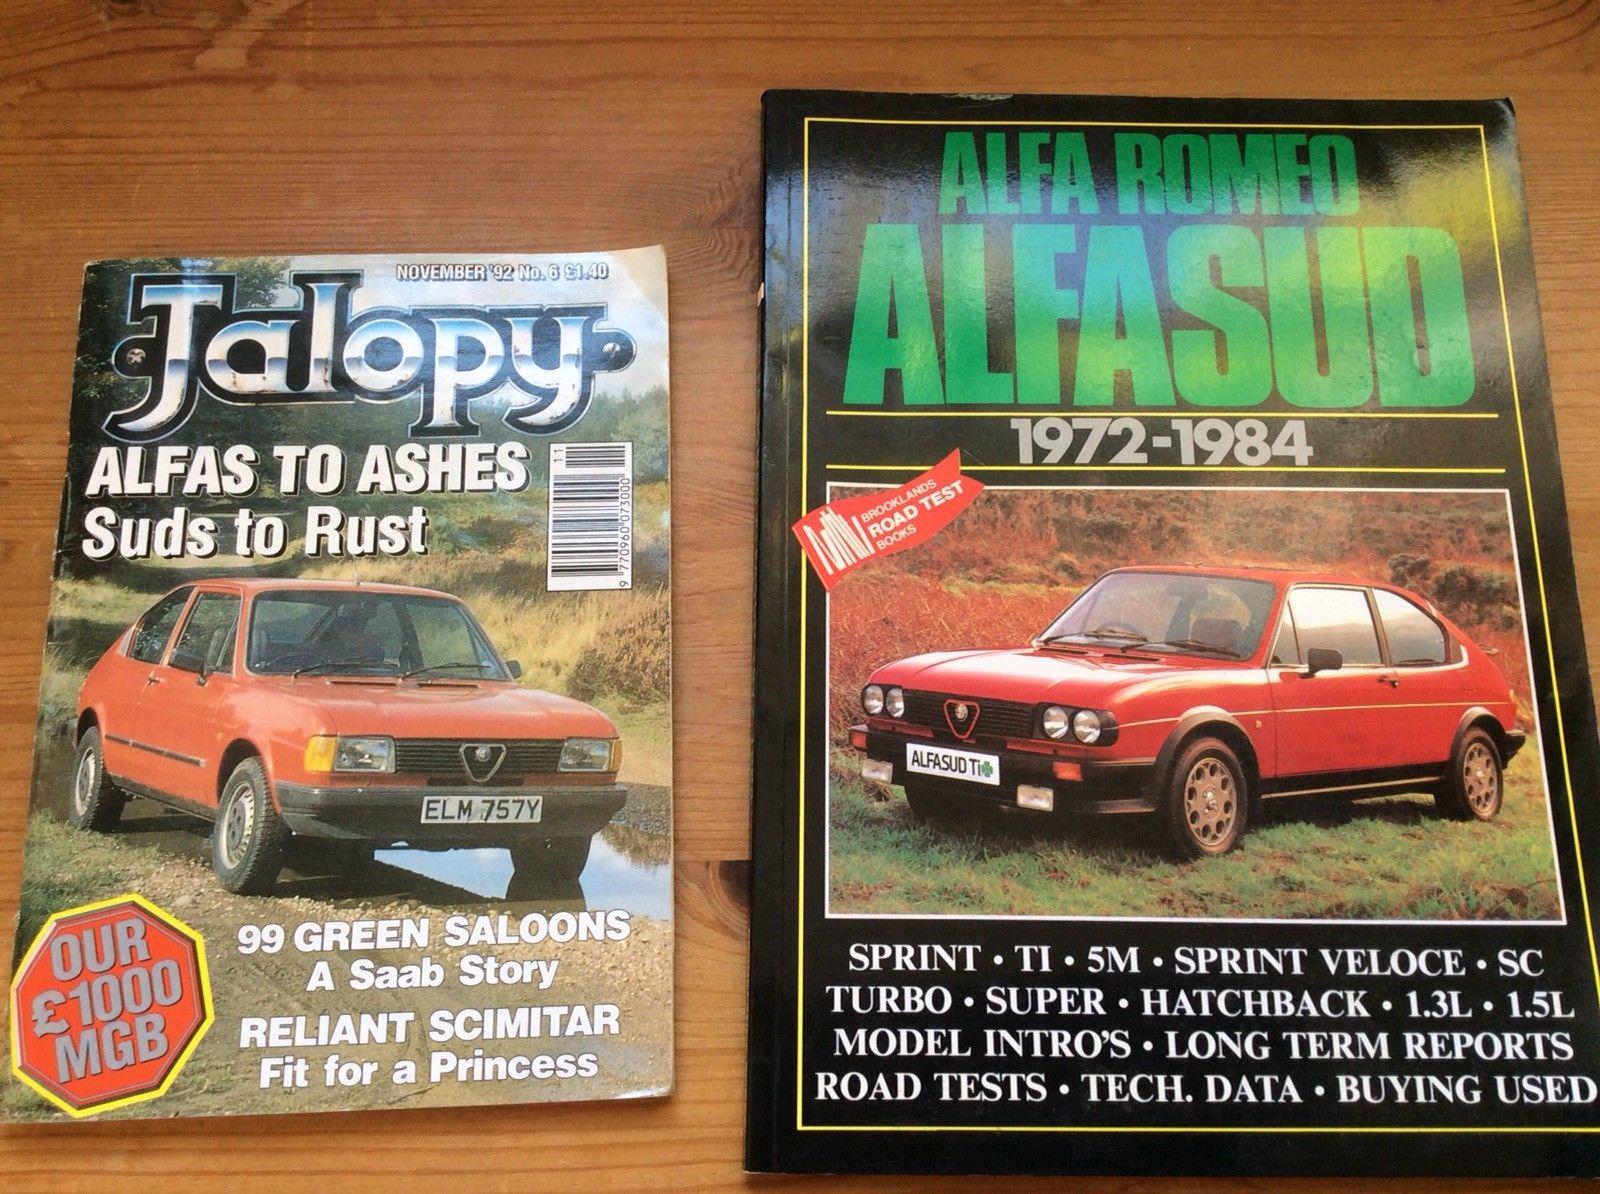 Jalopy 6 ebay May 18.jpg